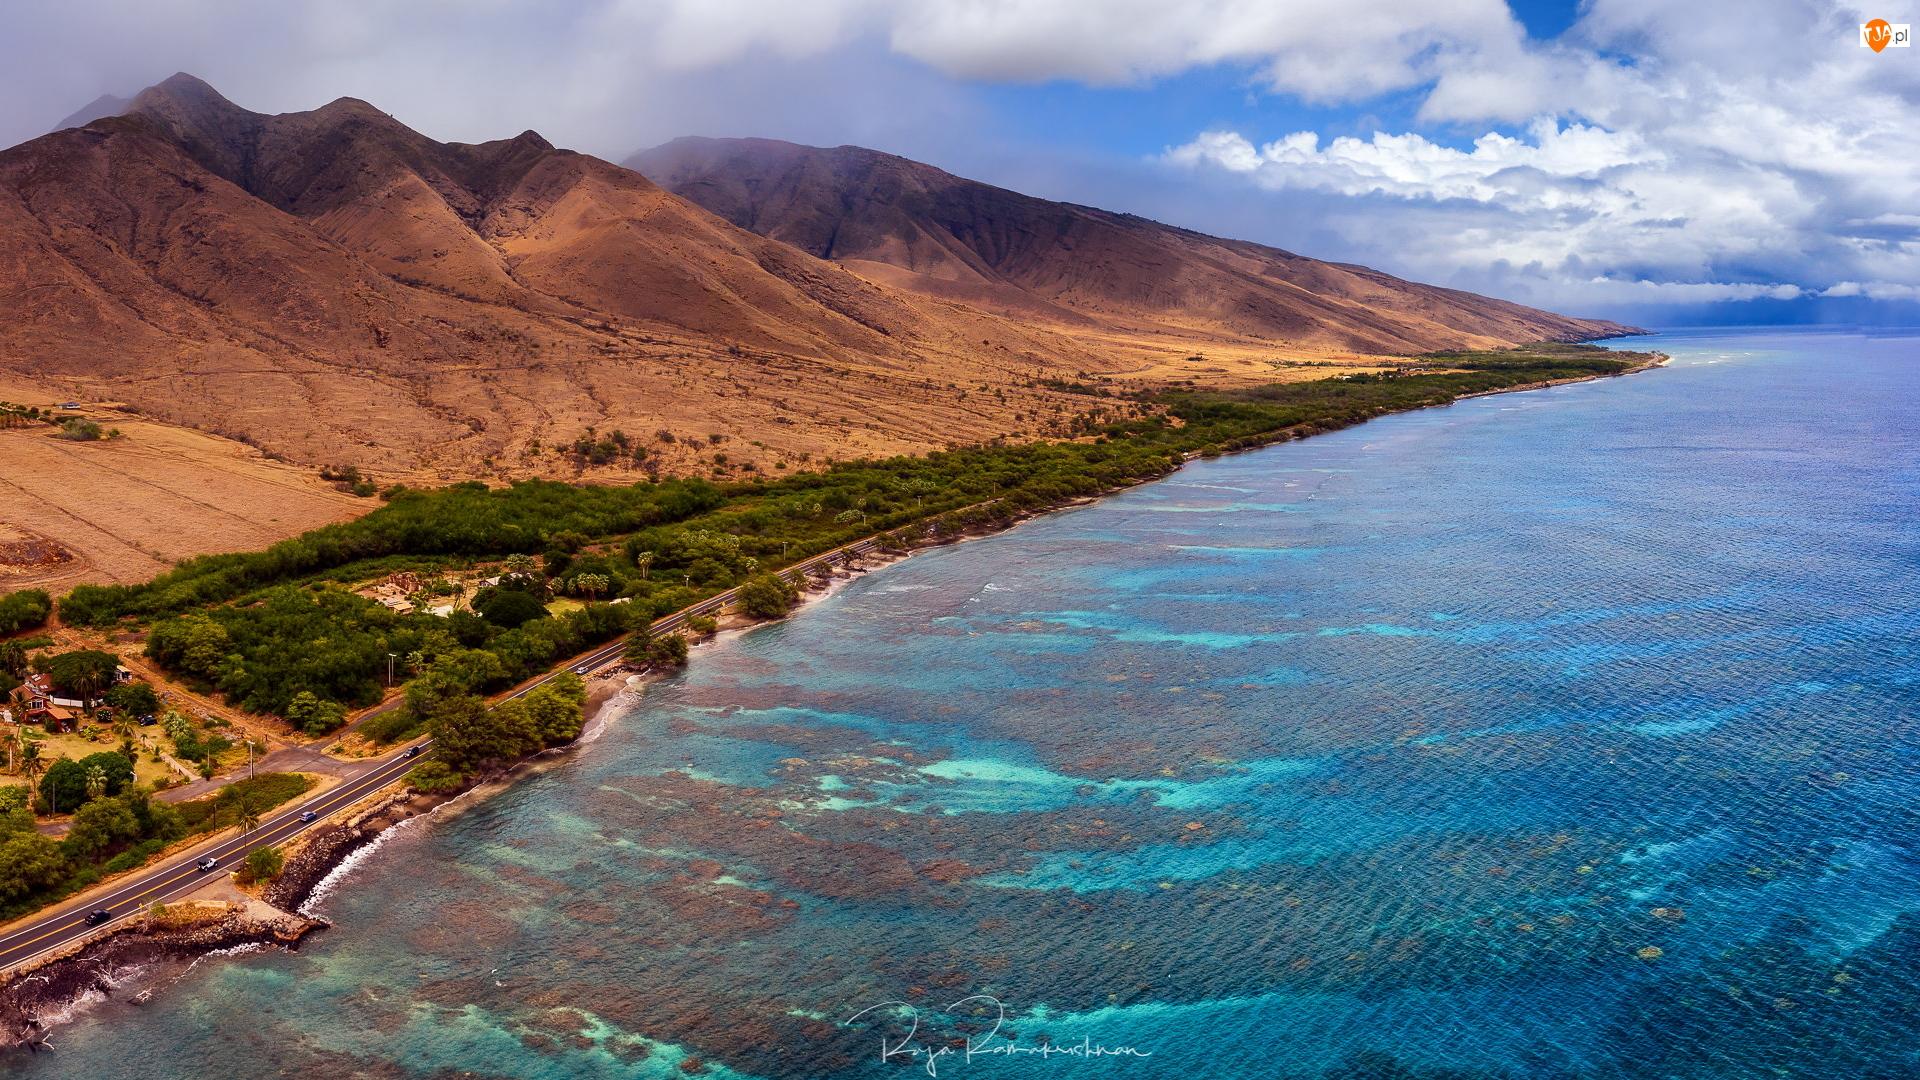 West Maui, Góry, Stany Zjednoczone, Wybrzeże, Hawaje, Wyspa Maui, Morze